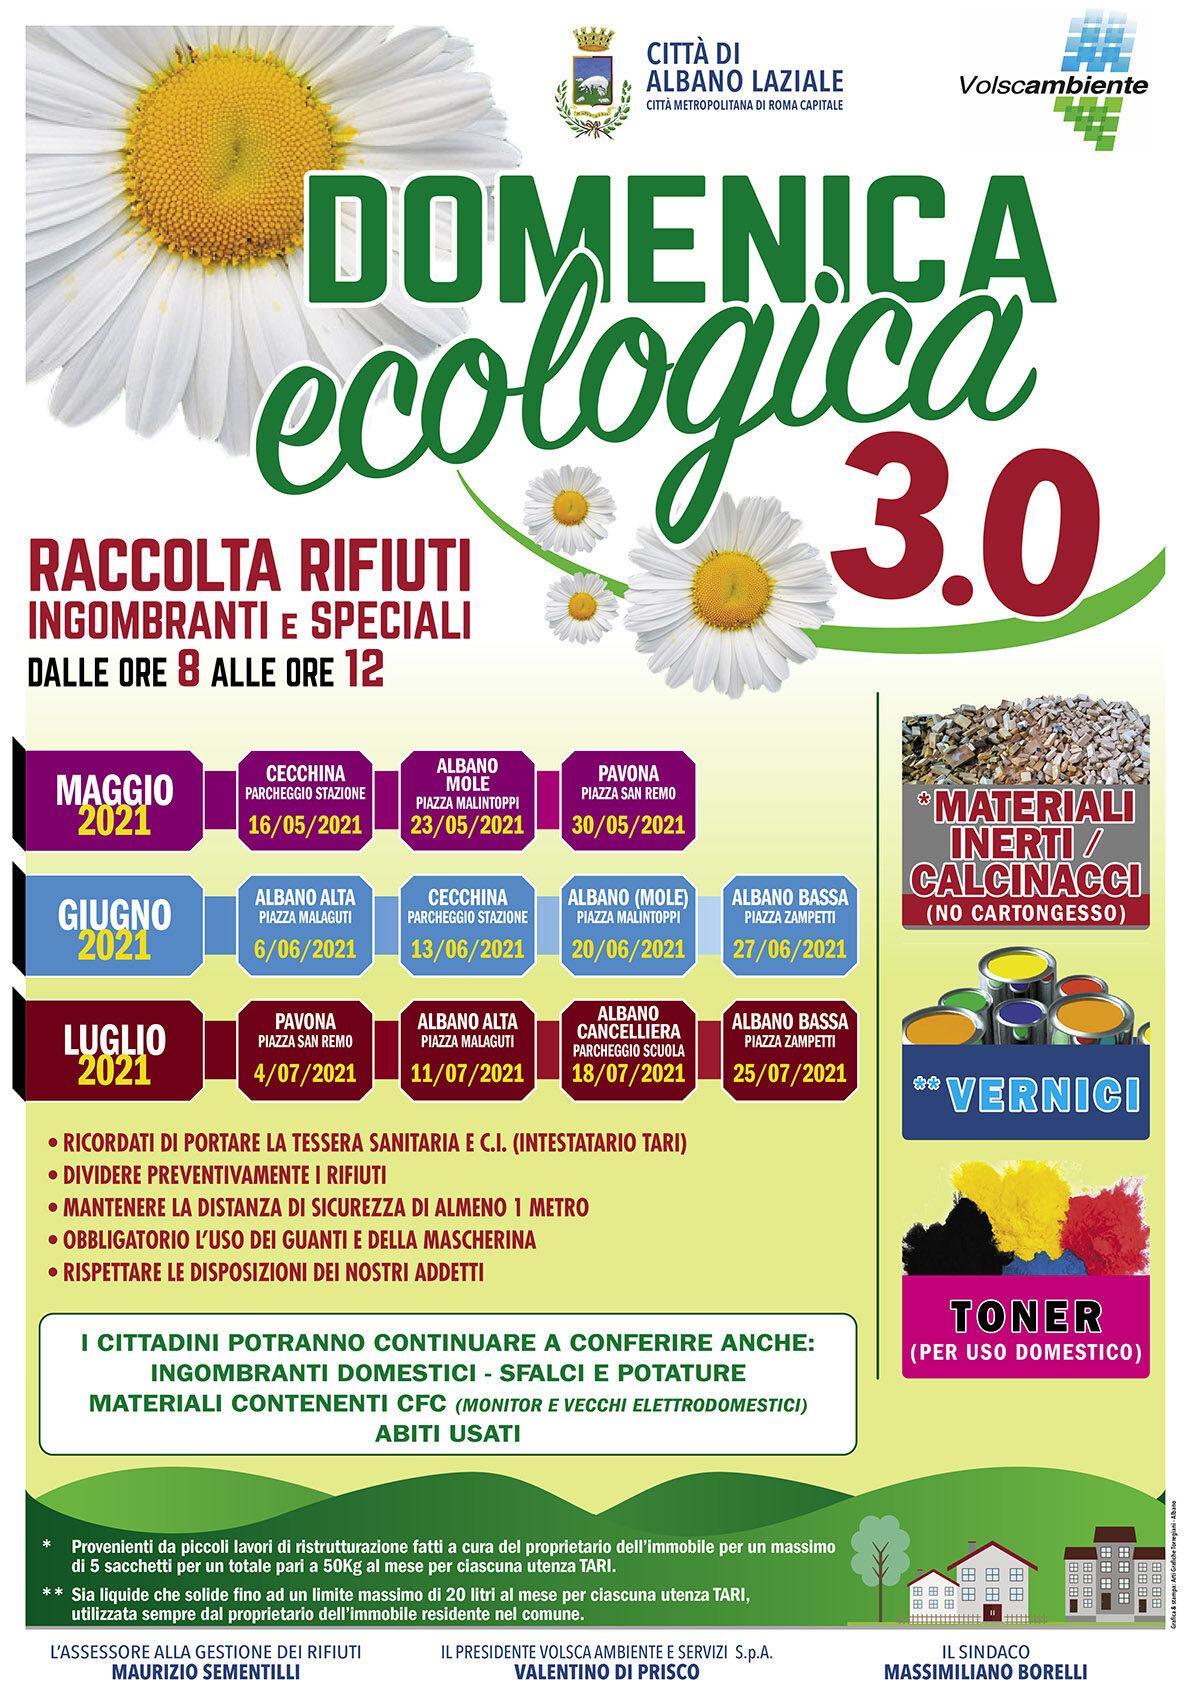 immagine: locandina domenica ecologica 3.0